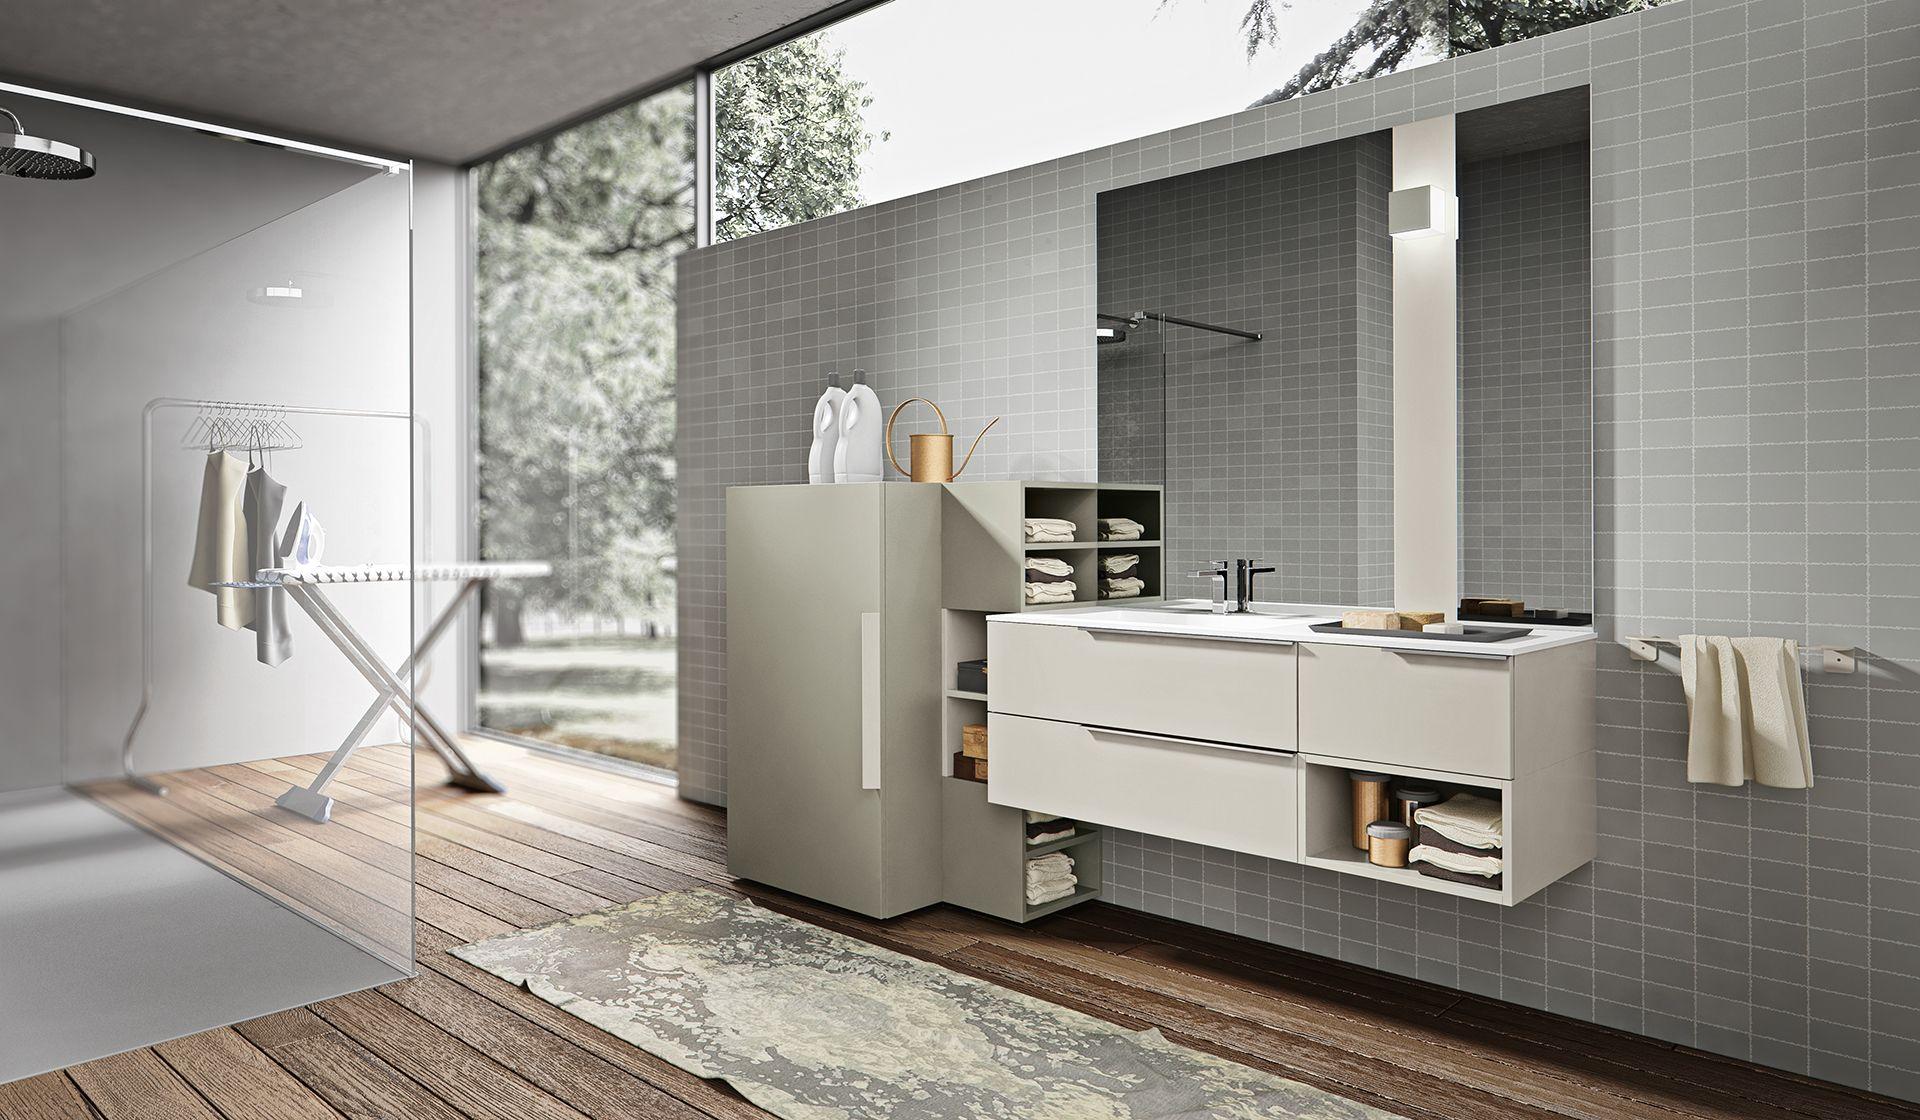 mobili arredo bagno moderni: giunone - agoràgroup - edoné design ... - Arredo Bagno Vignate